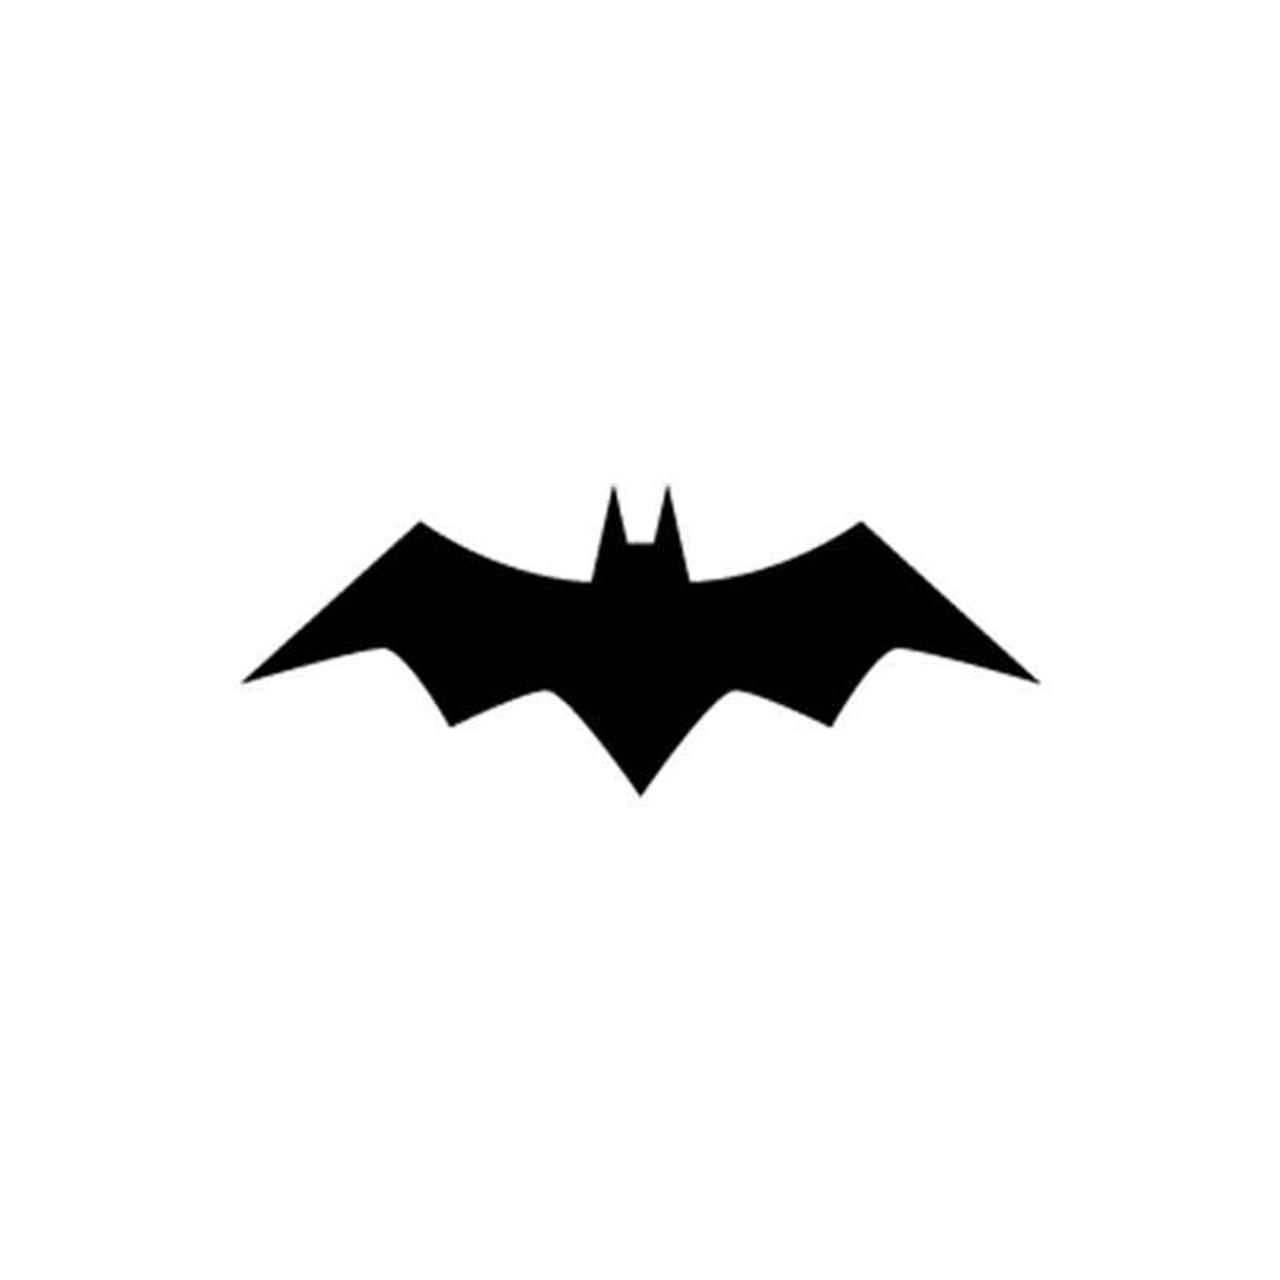 Batman batman logo 23 vinyl sticker